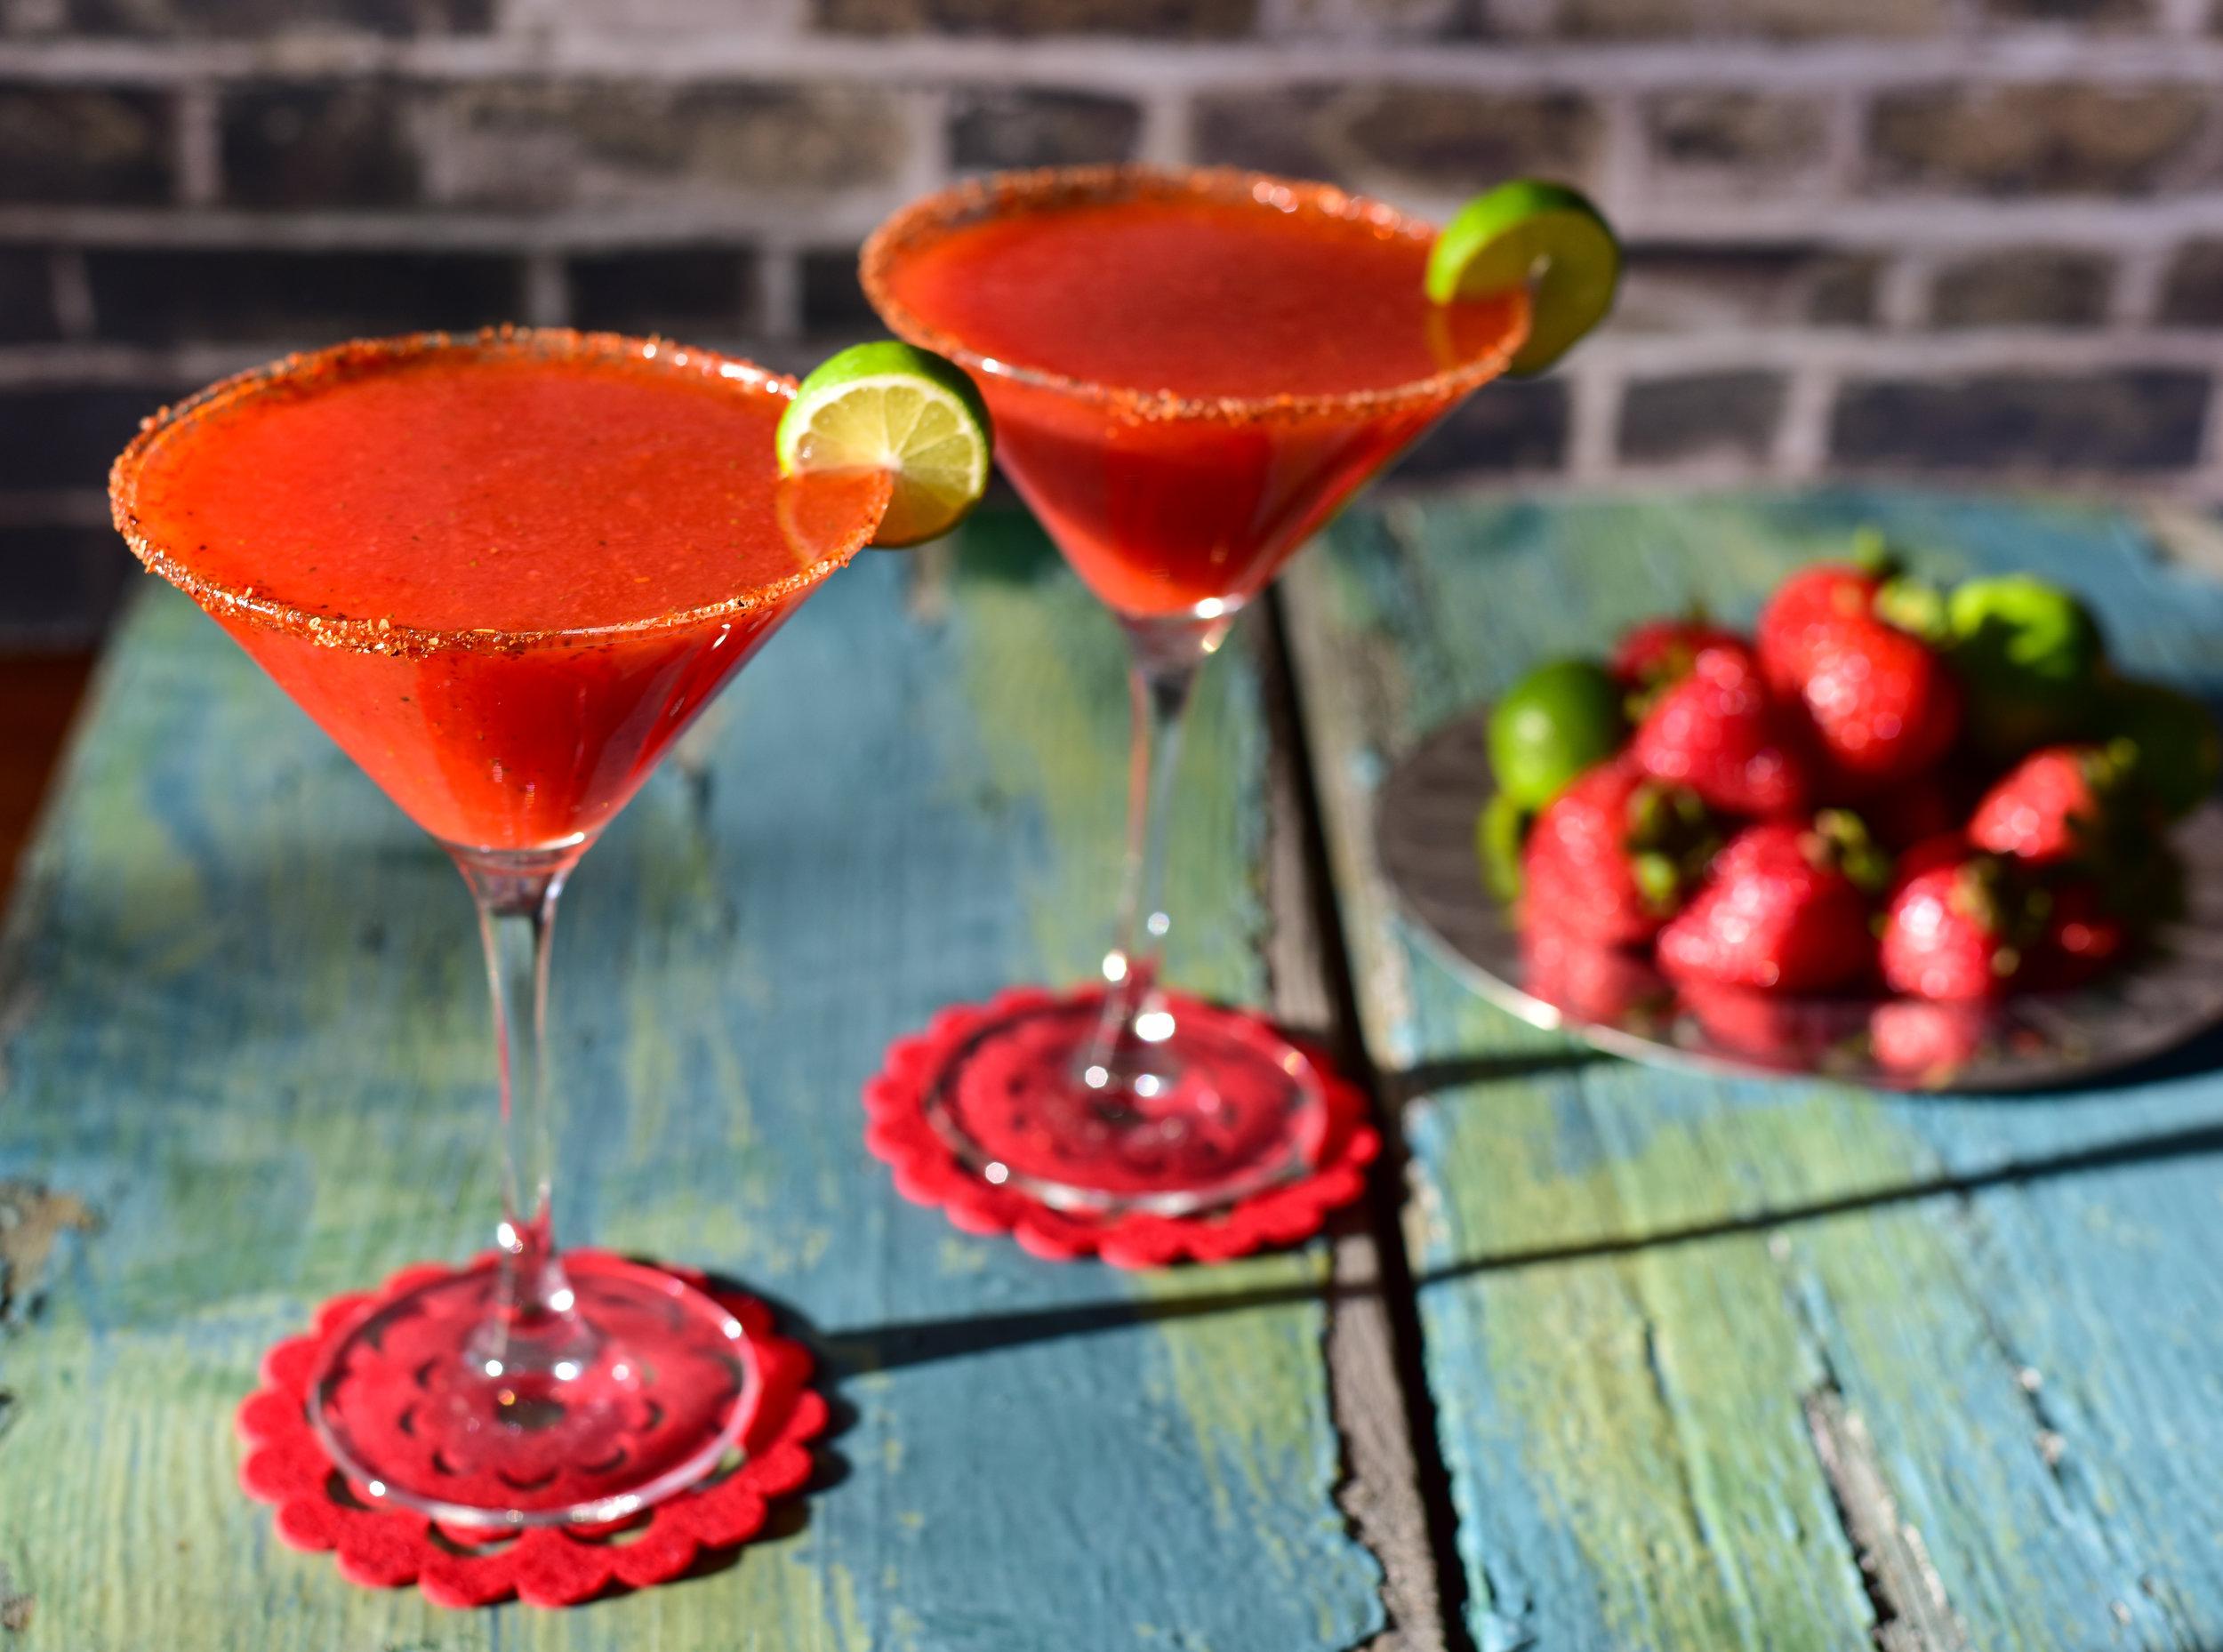 Strawberry Margarita2.jpg